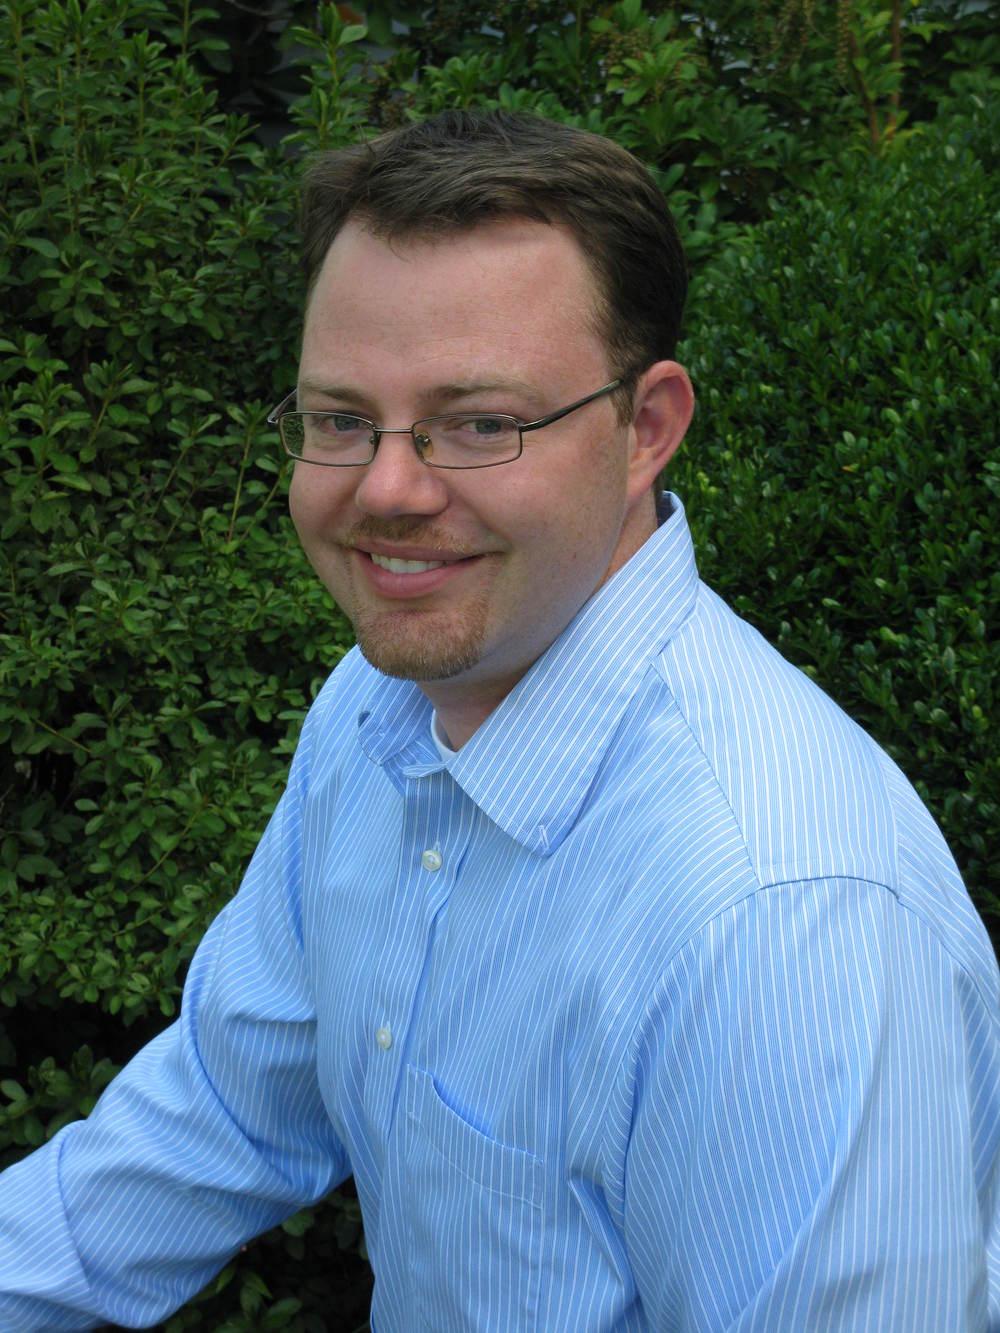 Drew Scrimgeour - PT, DPT, CFMT